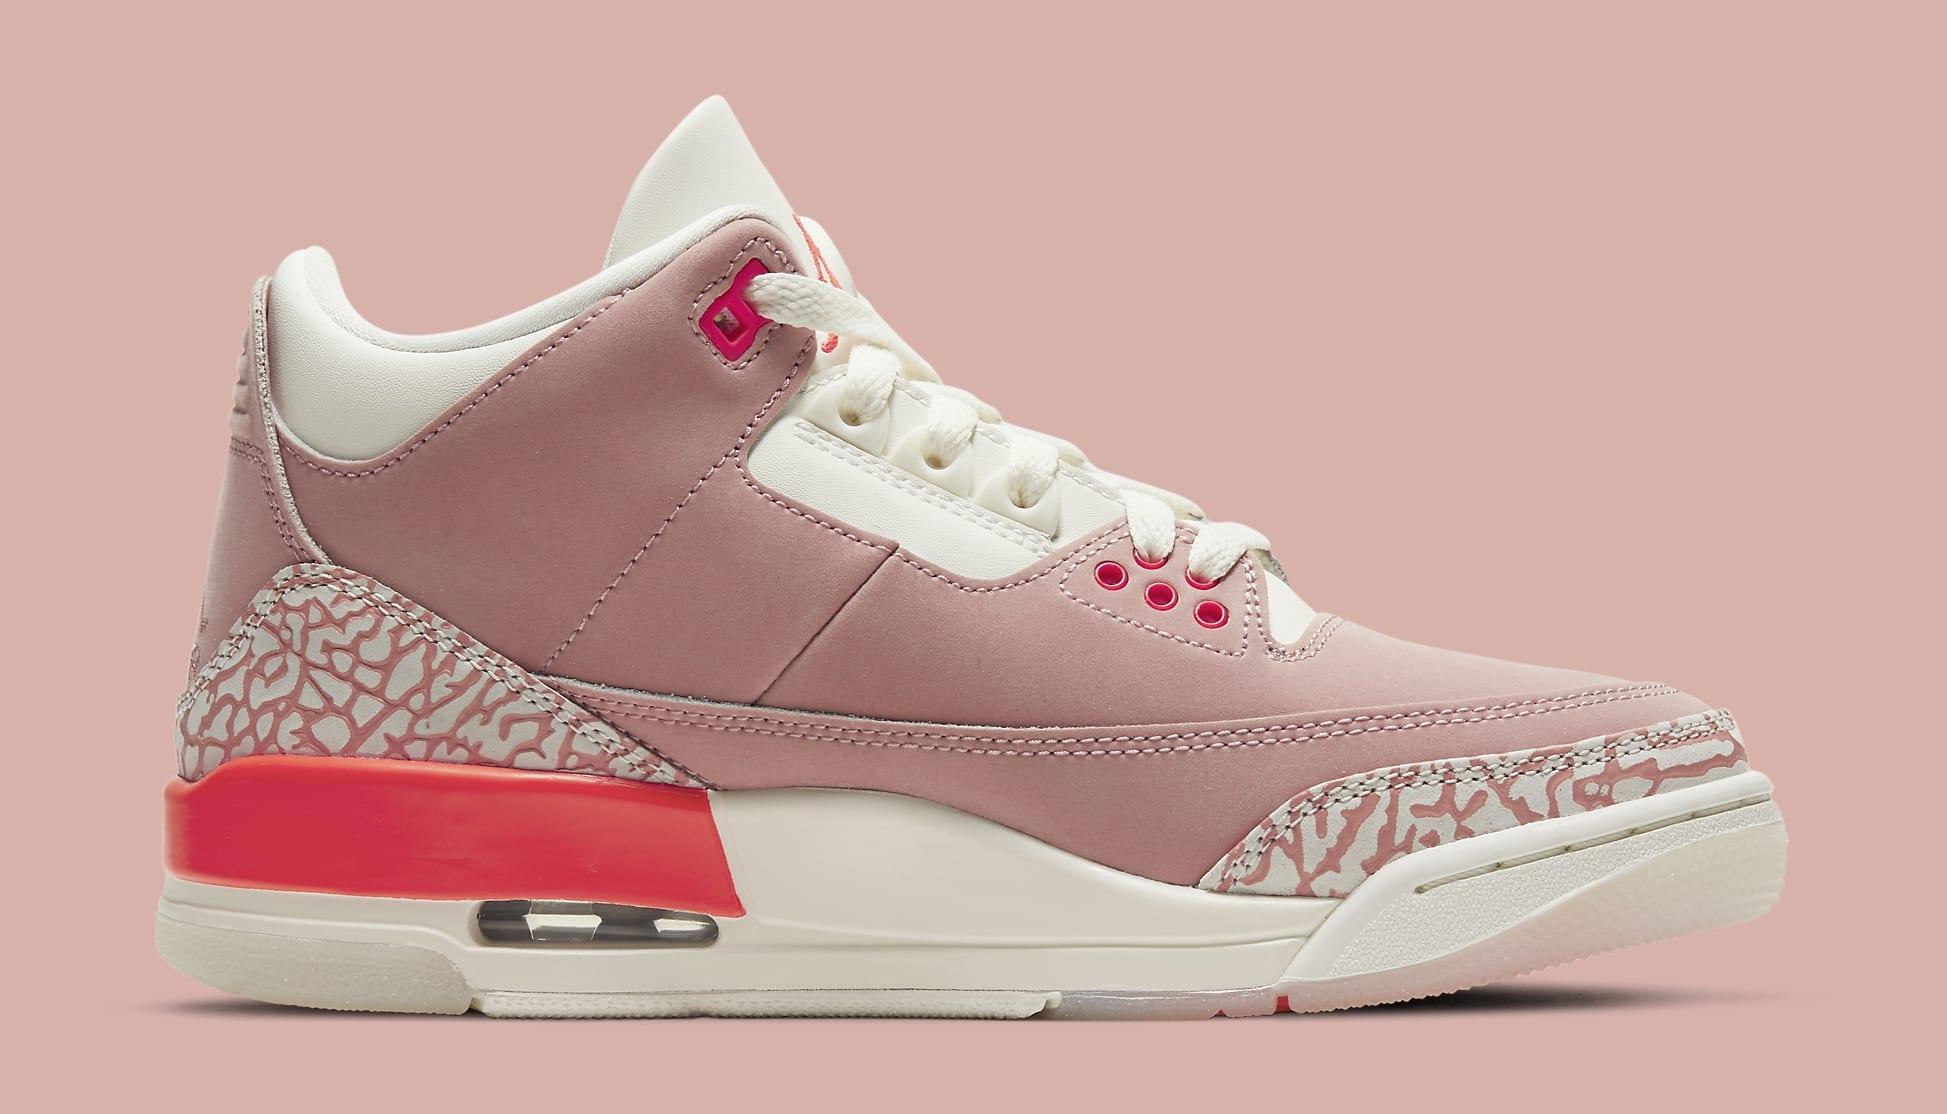 Air Jordan 3 Retro Women's 'Rust Pink' CK9246-600 Medial